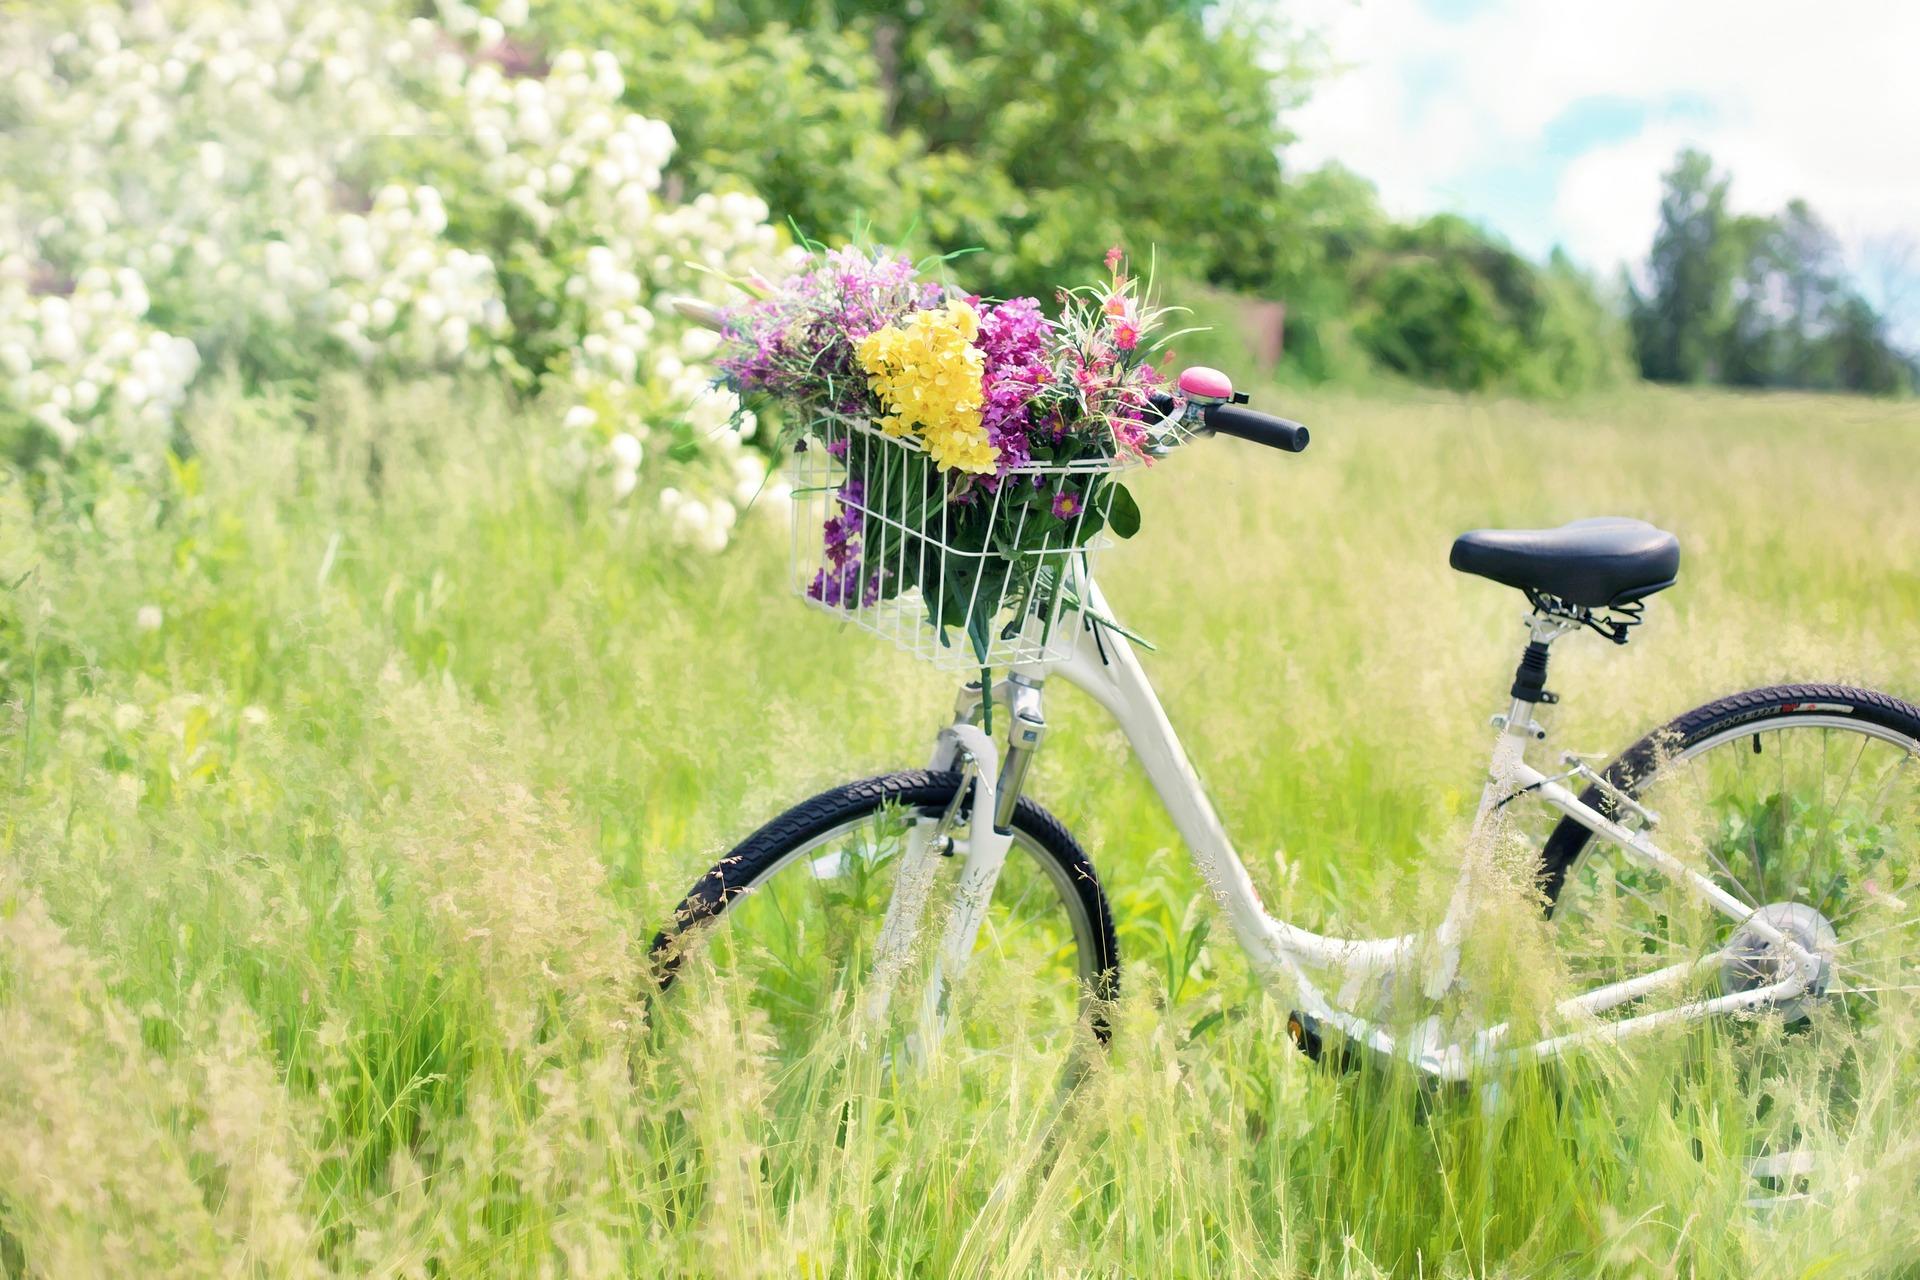 Milyen izmok működnek kerékpározás közben?